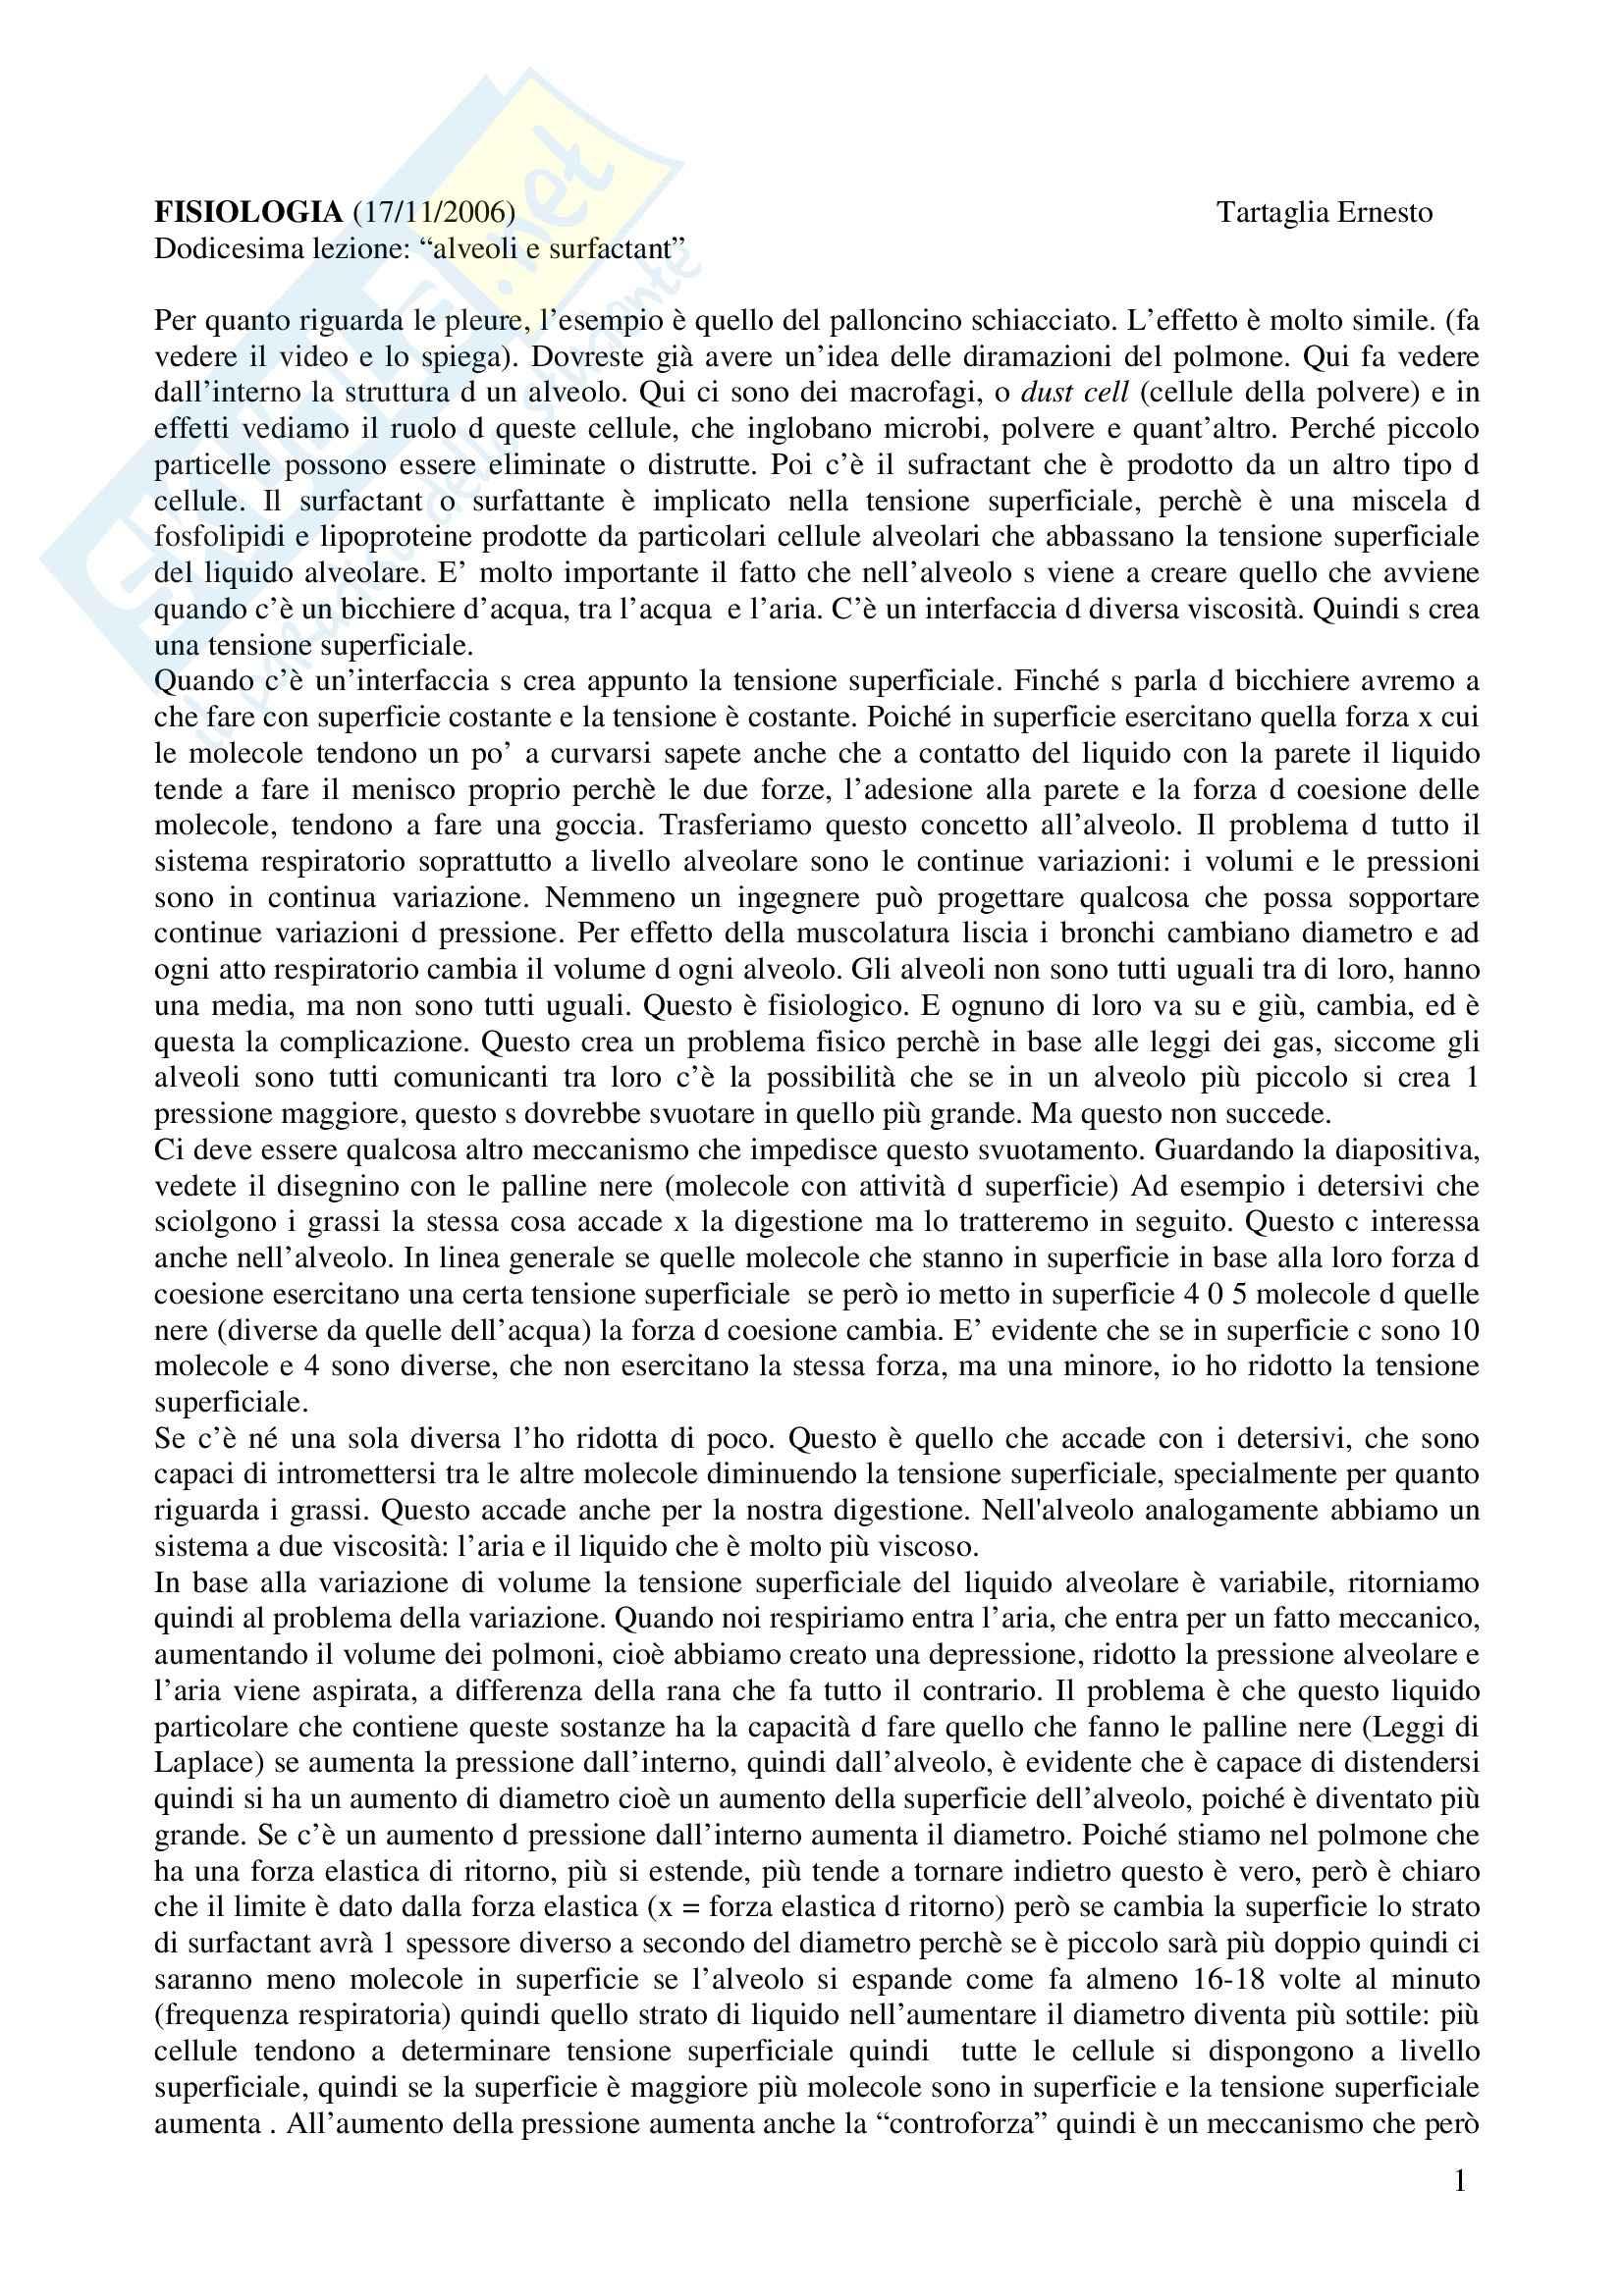 Fisiologia e biofisica - alveoli e surfactant